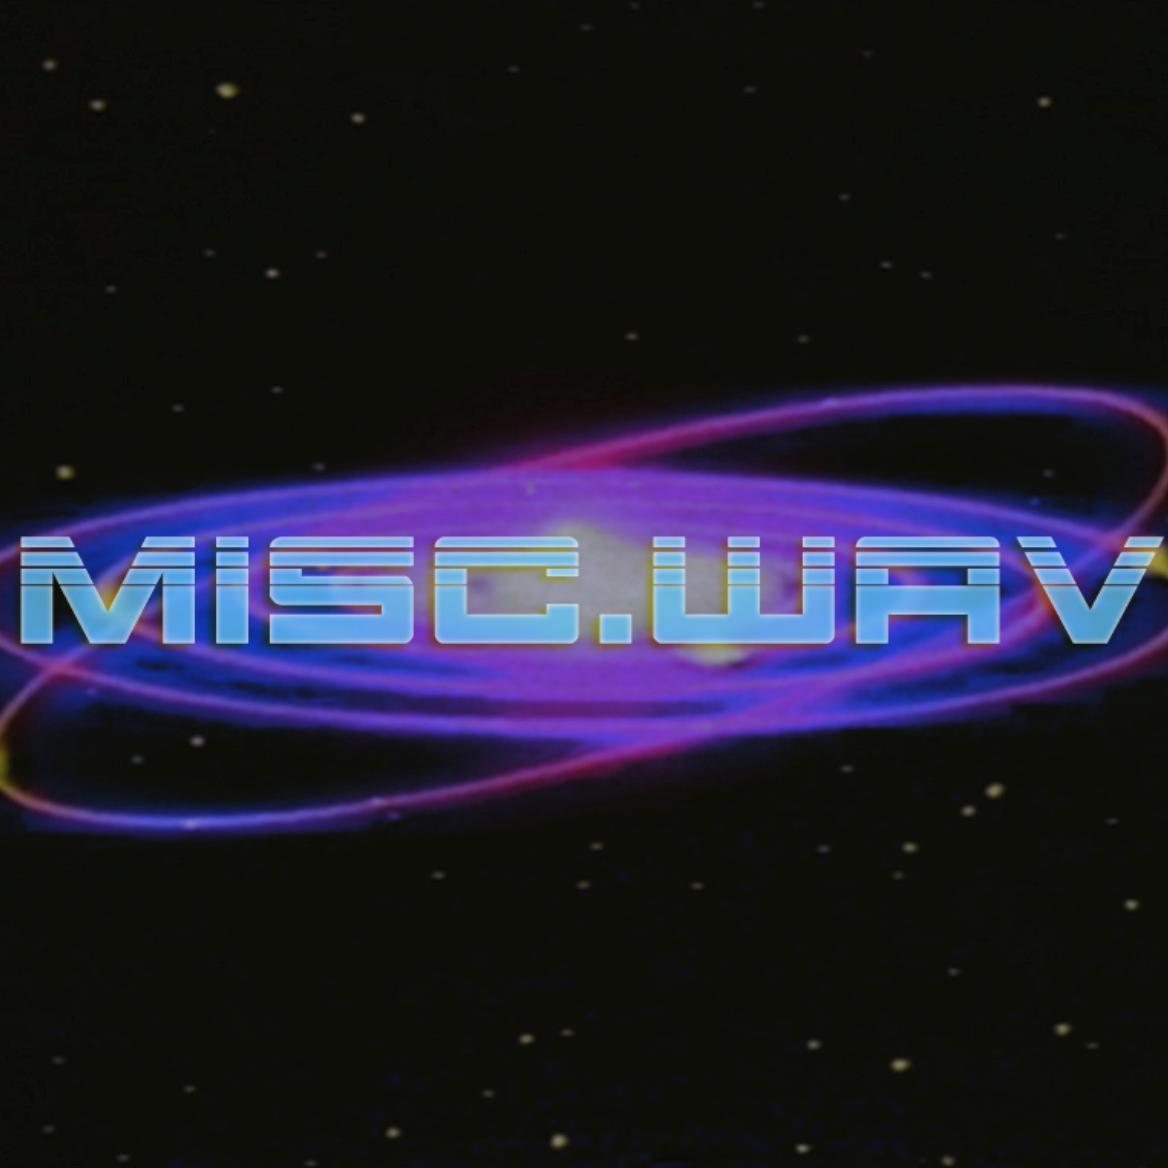 [misc.wav]